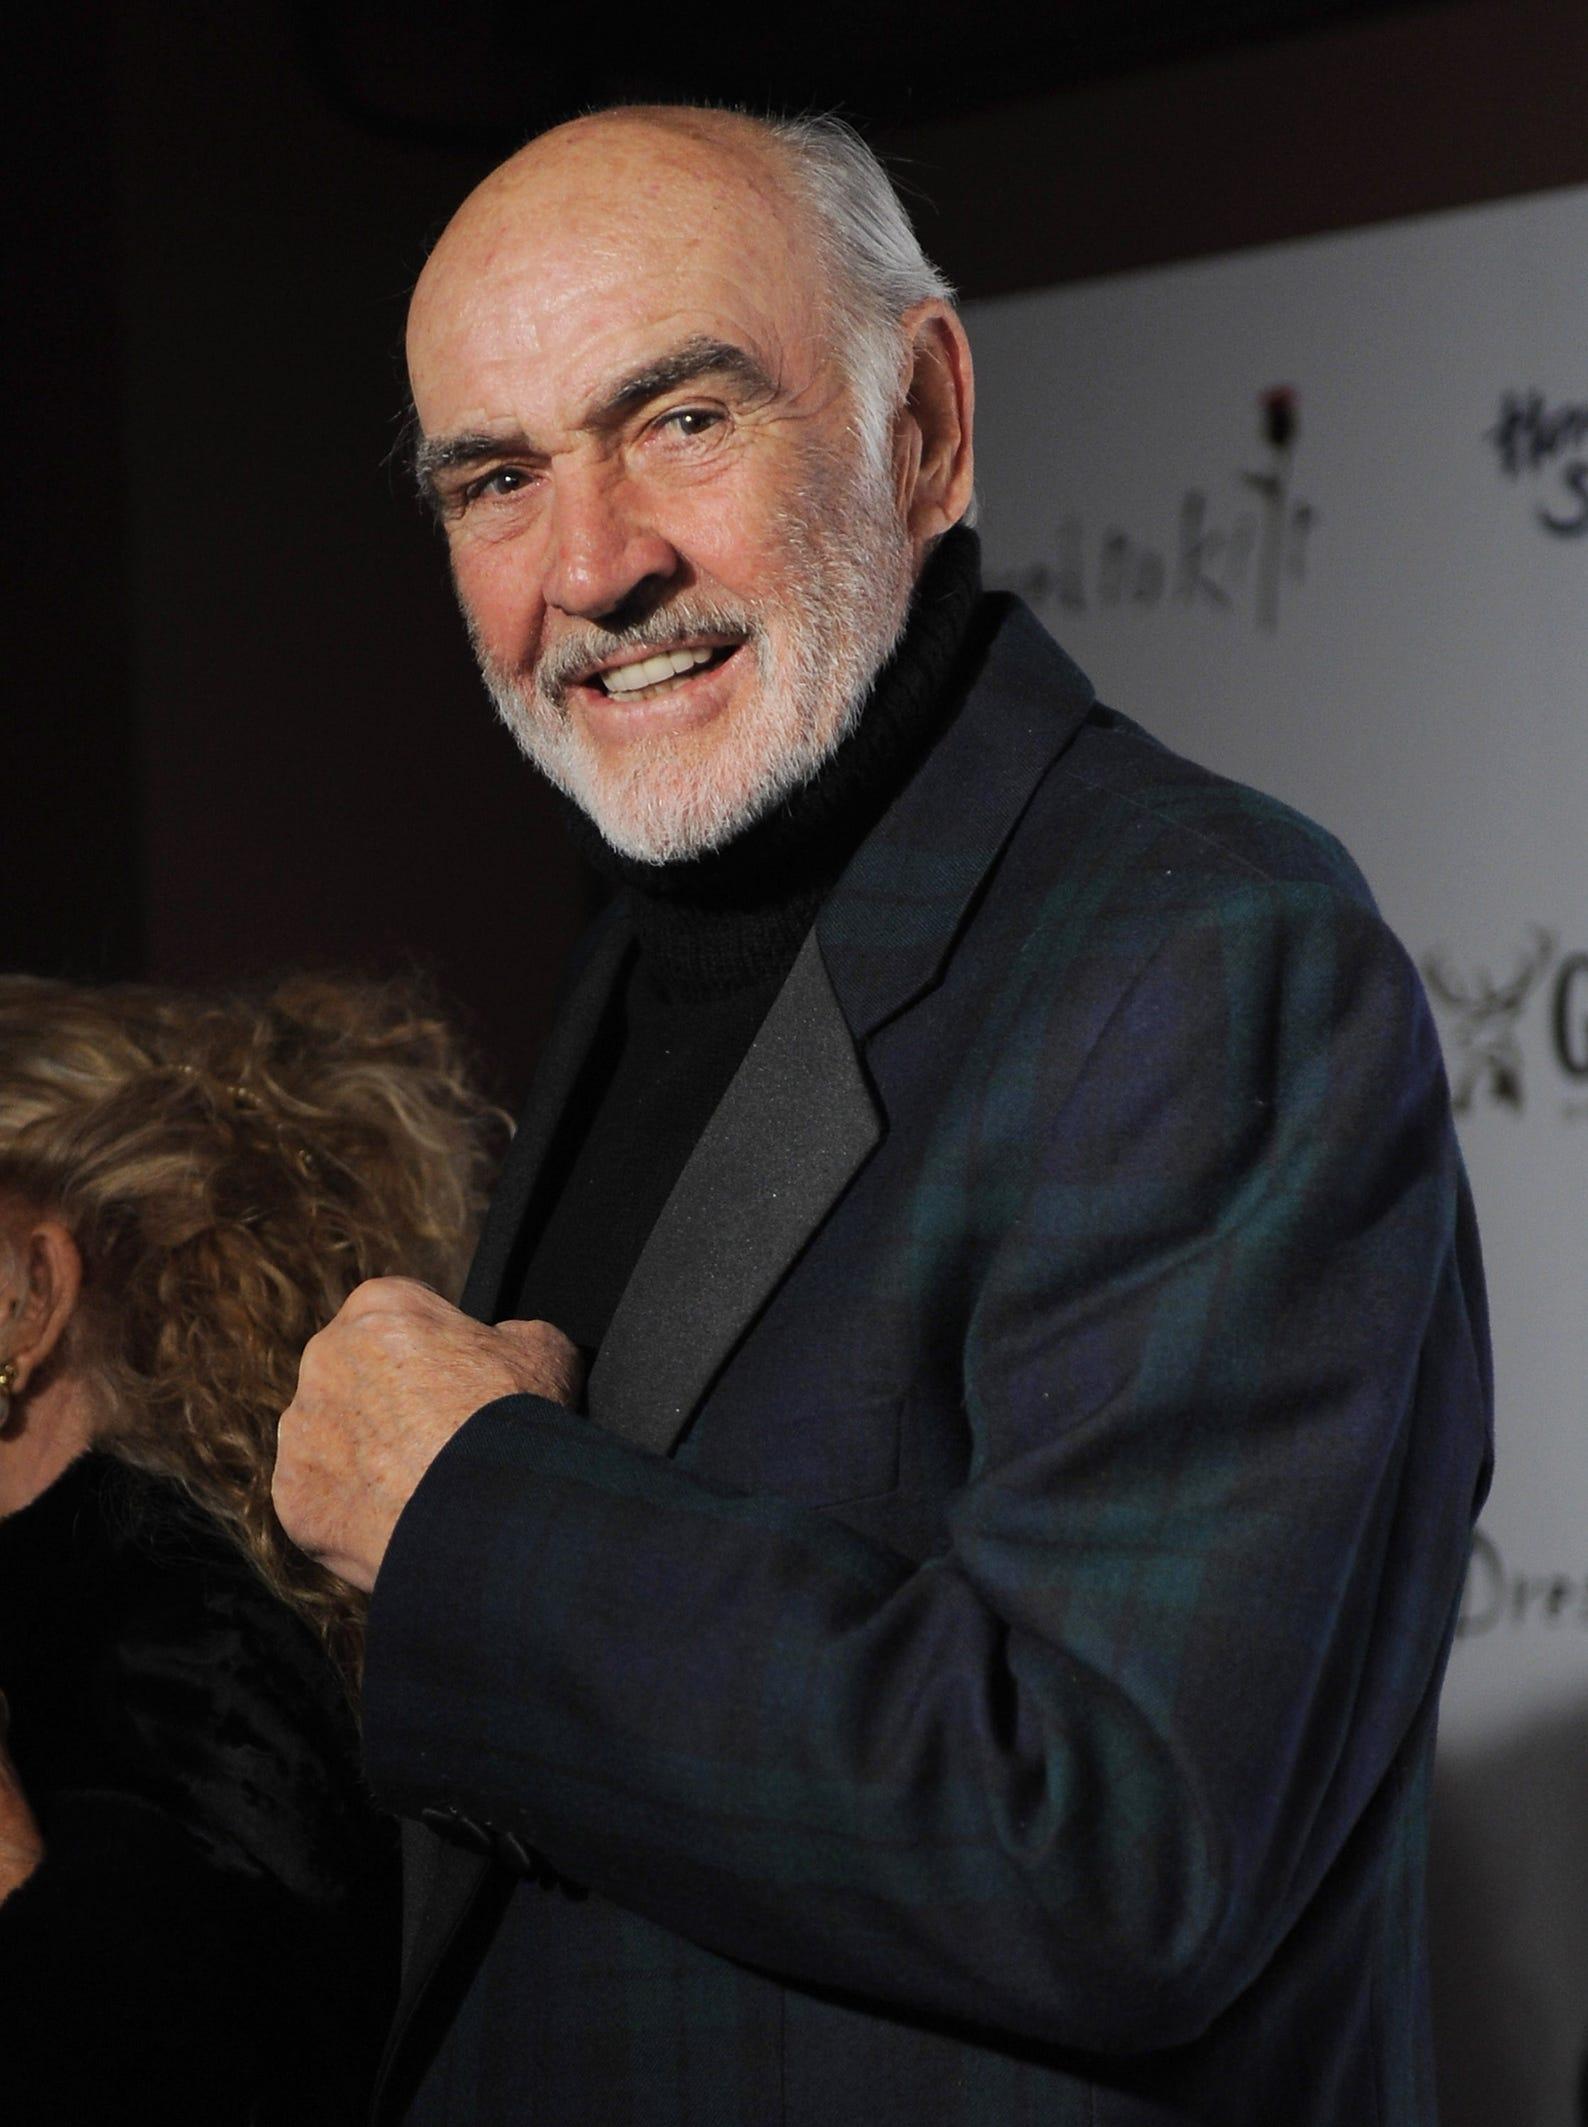 Sean Connery His Life In Photos